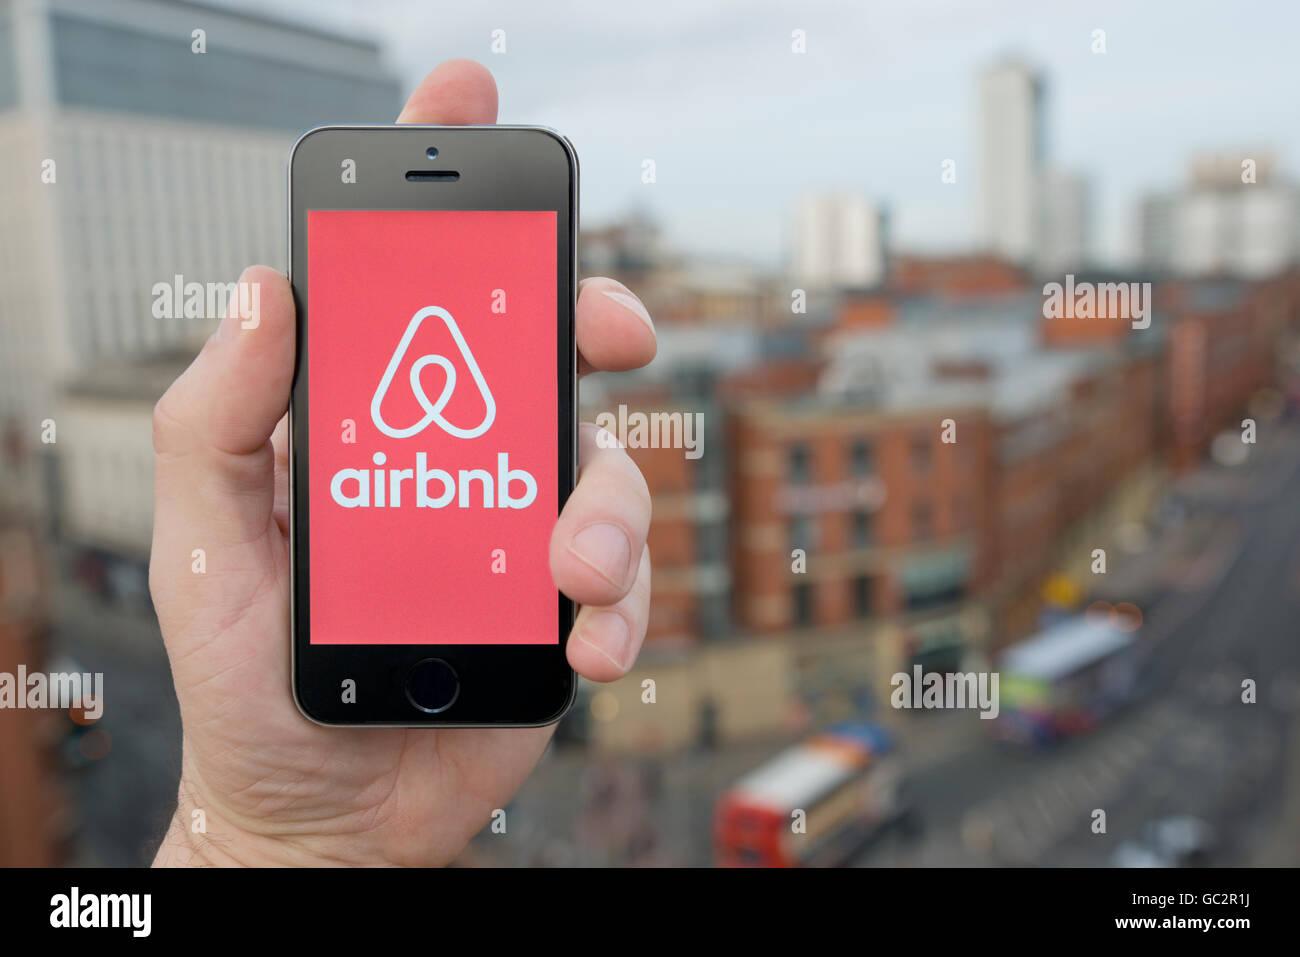 Un uomo utilizza il smartphone Airbnb app mentre si fermò in un alto edificio che si affaccia su una strada Immagini Stock